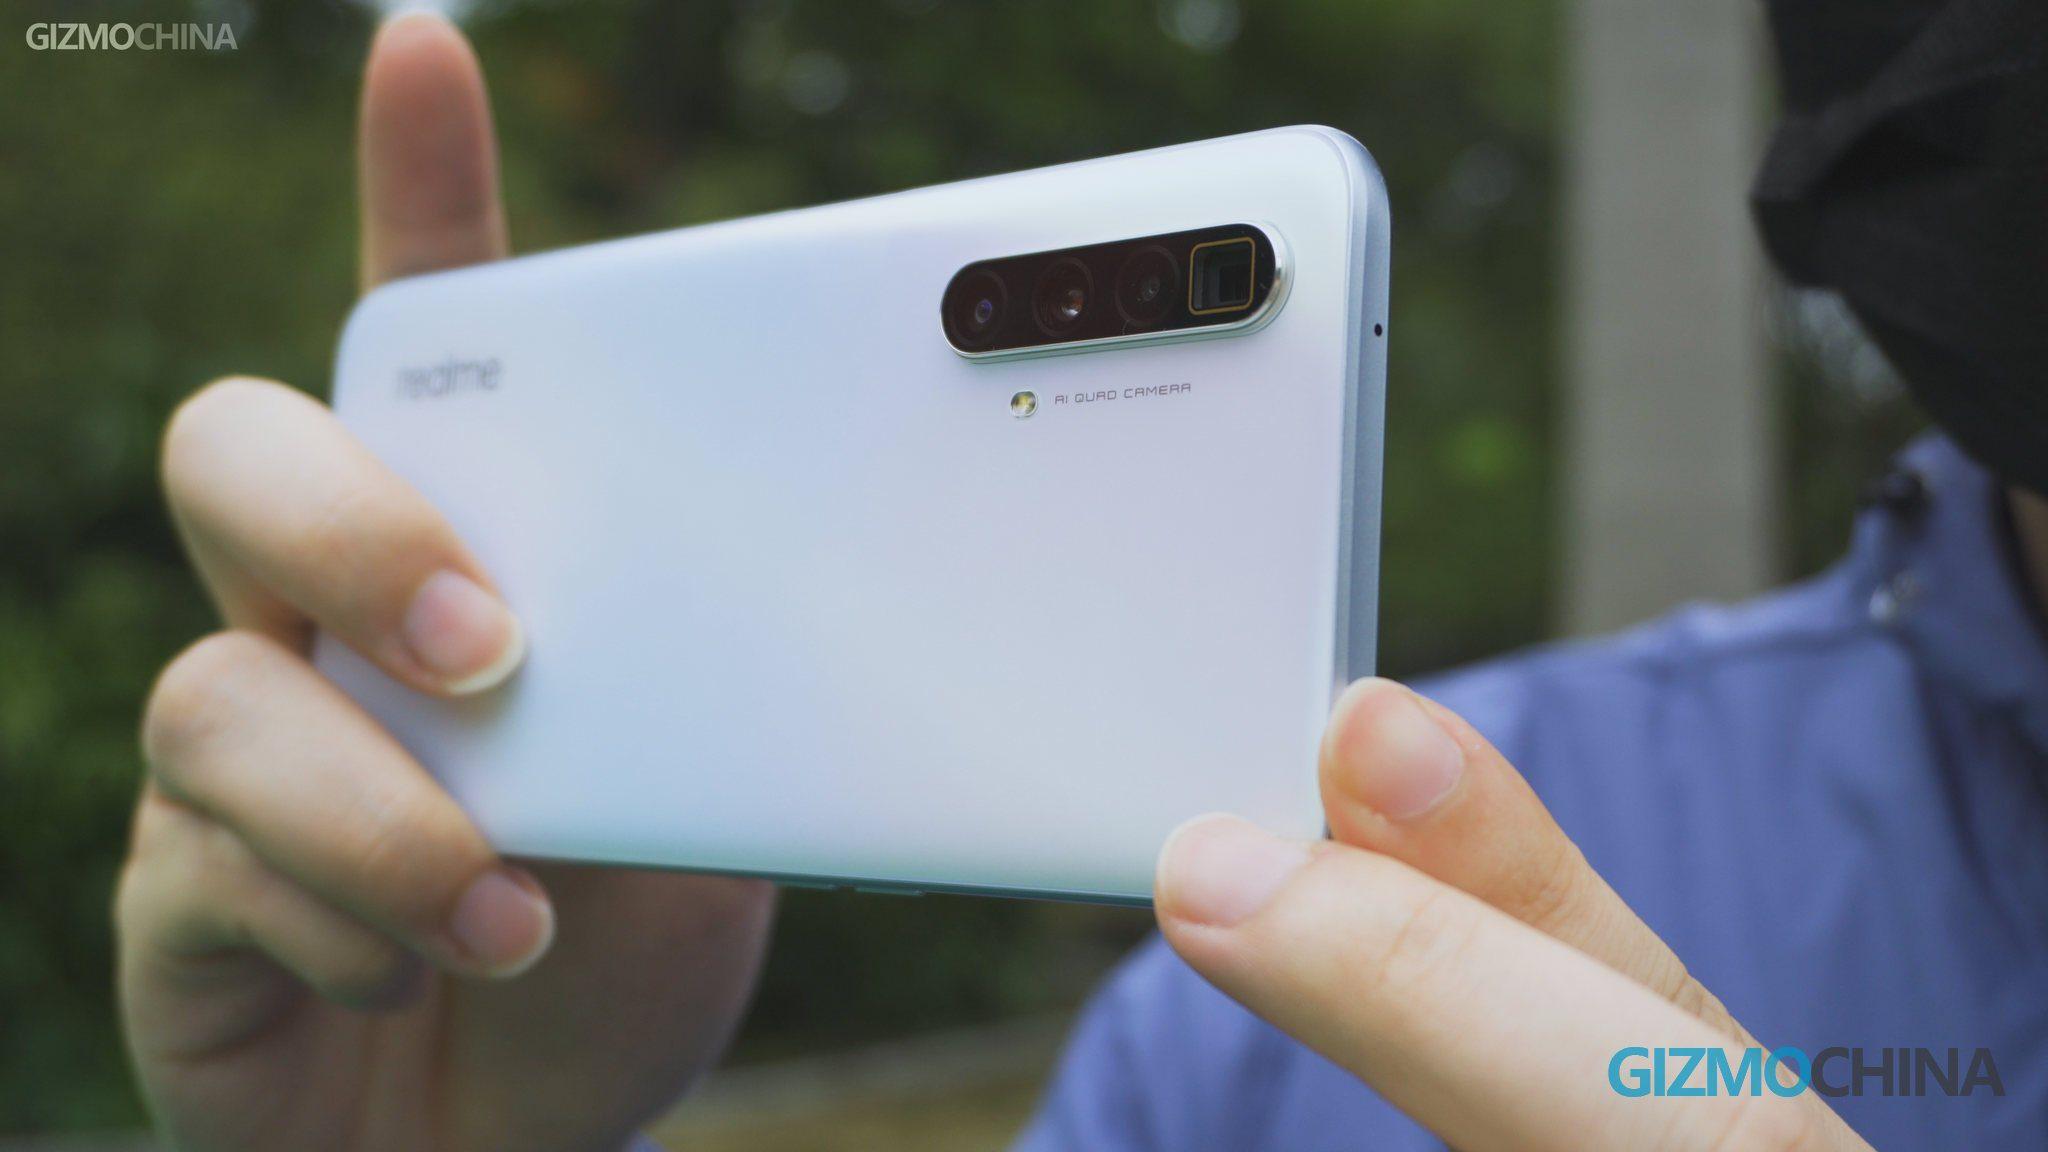 Revisão da câmera Realme X3 SuperZoom: ela pode combinar com o Huawei P40 Pro no zoom?